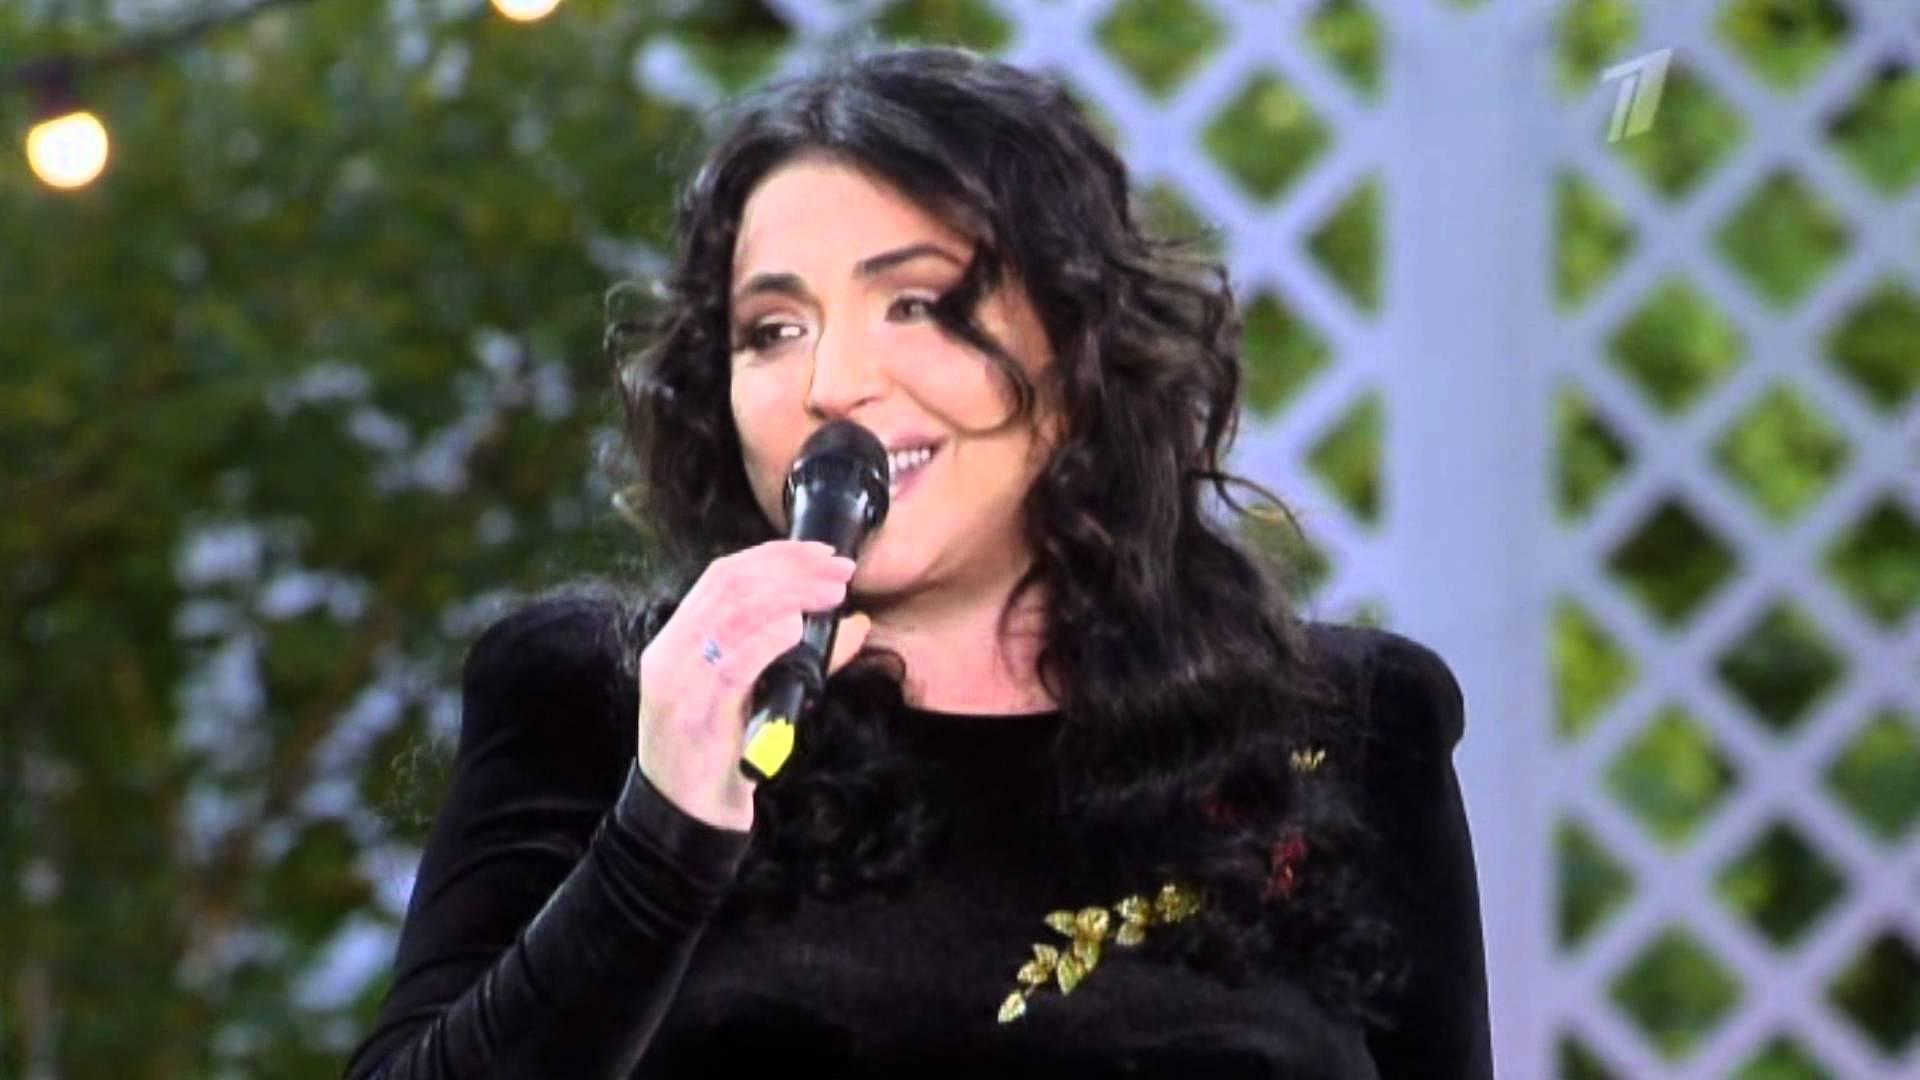 Поклонники Лолиты заметили, что певица заметно постройнела и похорошела (Фото)